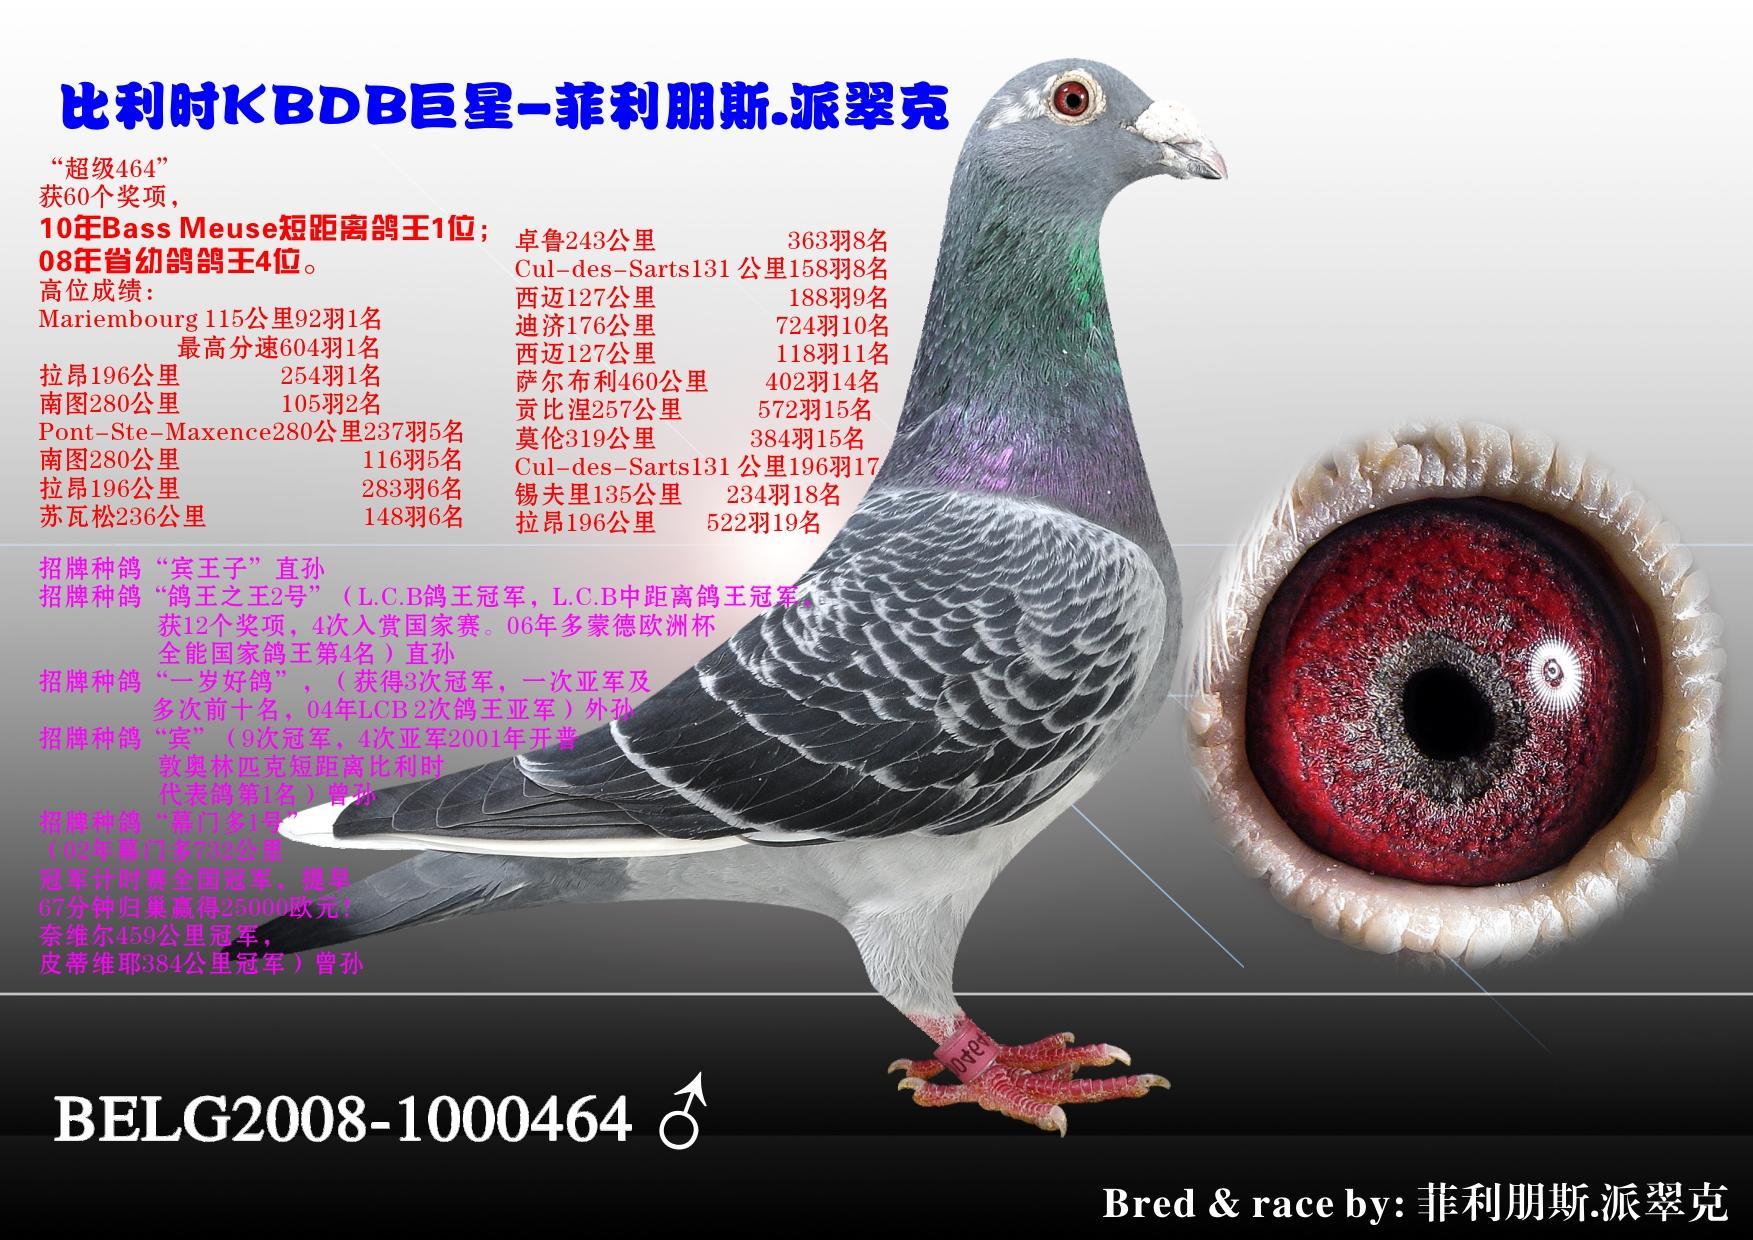 动物 鸽 鸽子 教学图示 鸟 鸟类 1753_1240